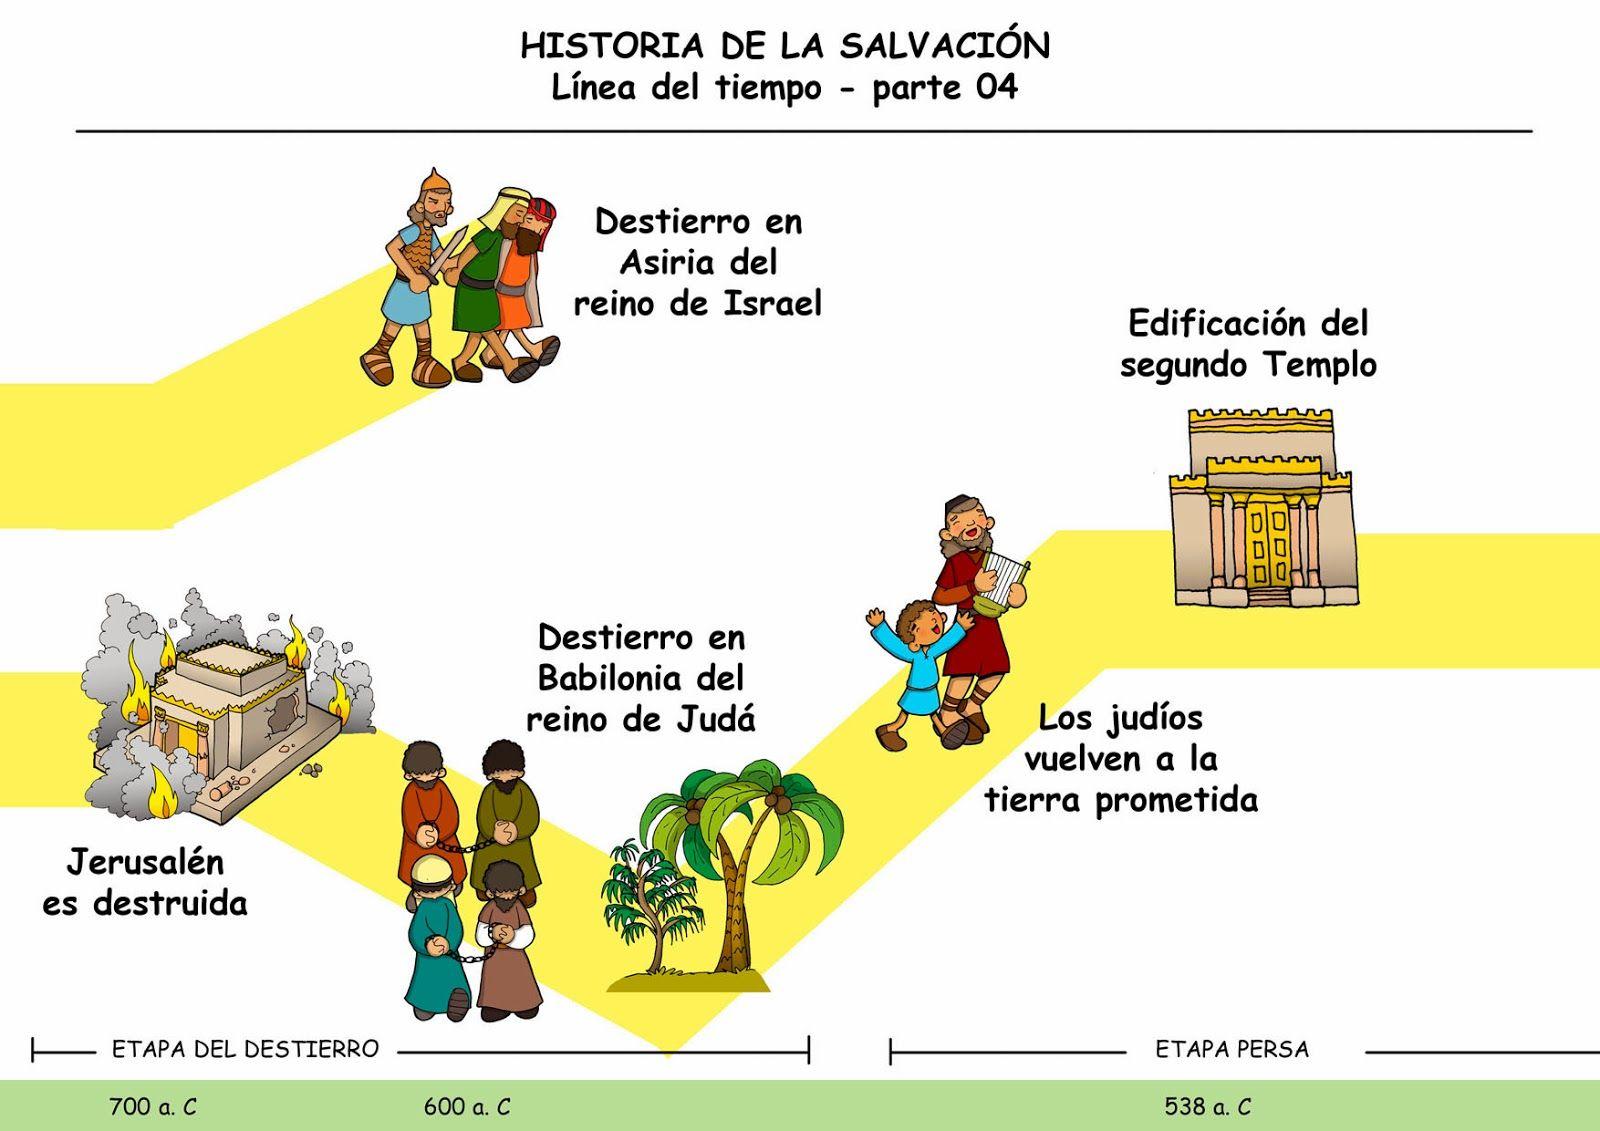 La Historia De La Salvacion Linea Del Tiempo Parte 4 Linea De Tiempo Biblia Catequesis Linea Del Tiempo